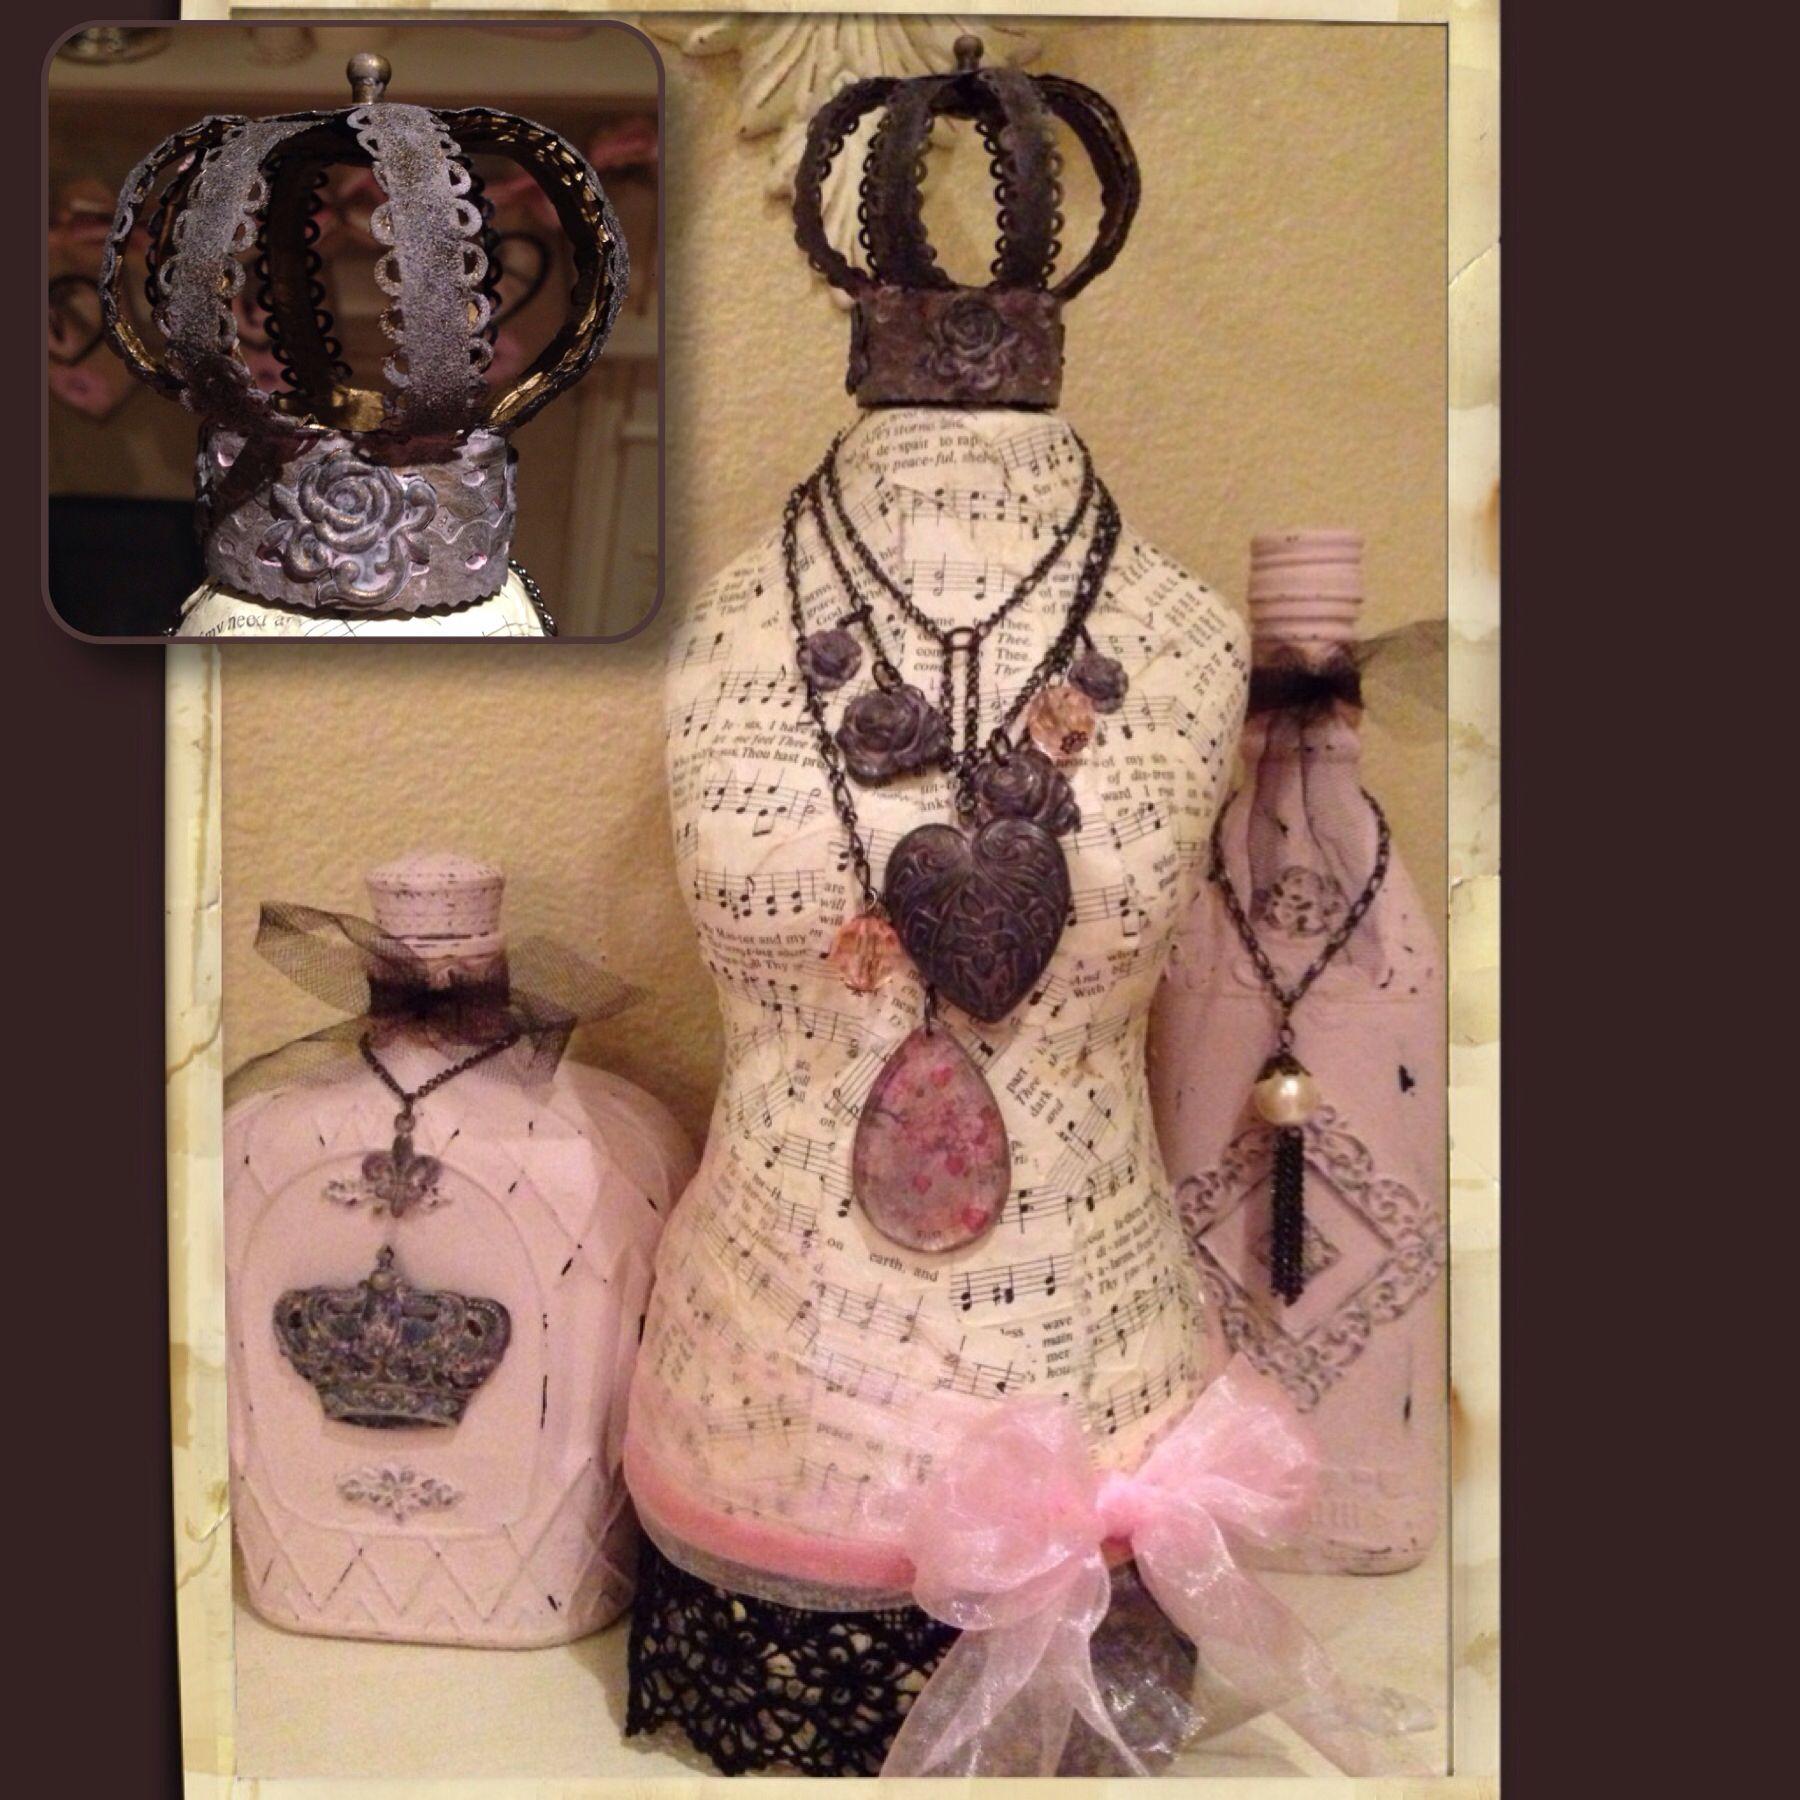 Dress form, altered bottles, vintage crown. Valentine decor.